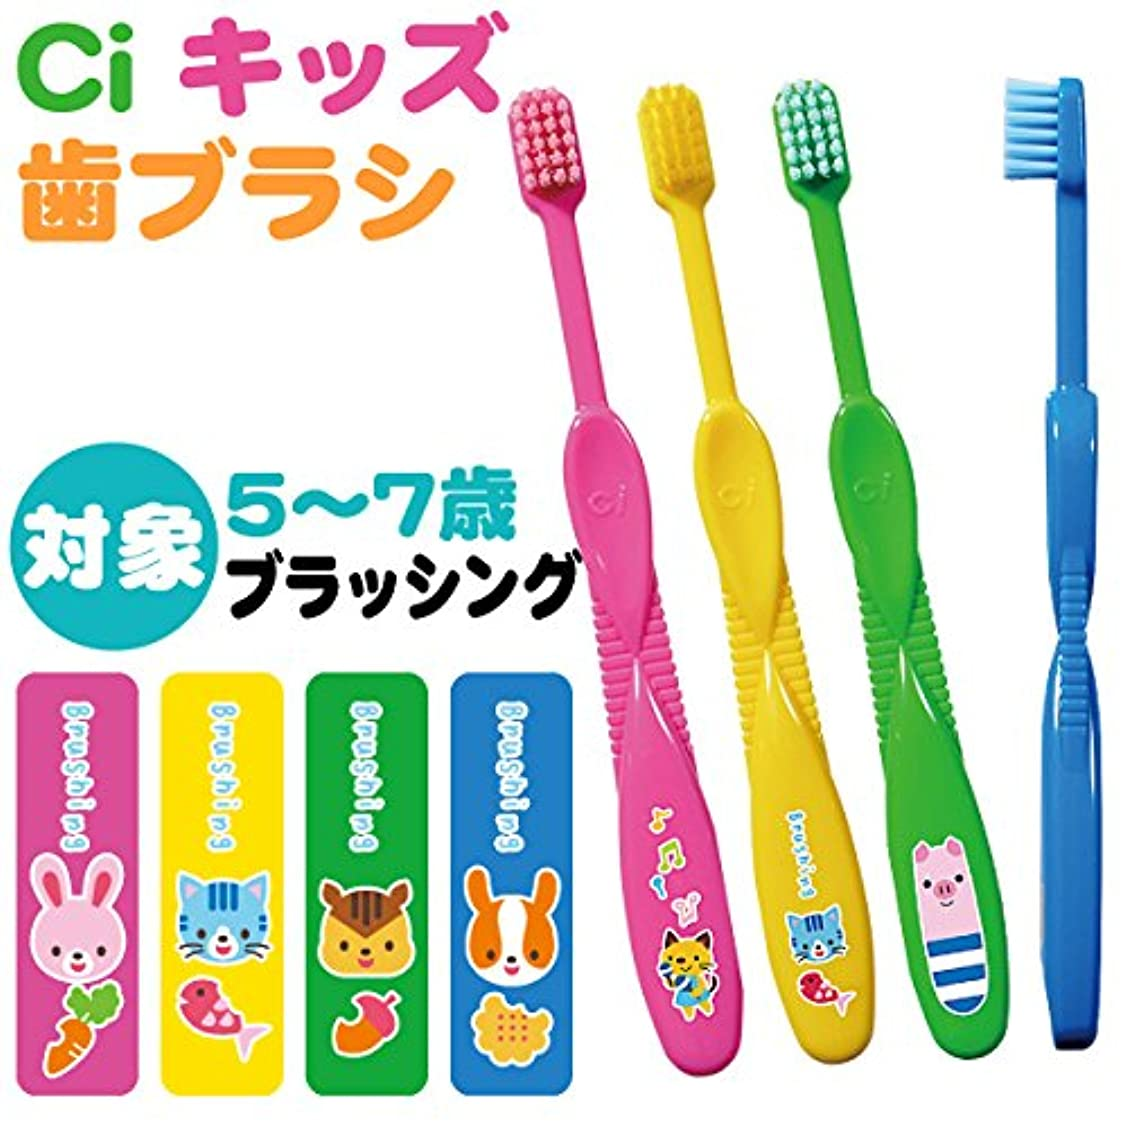 証明する頼むボリュームCiキッズ歯ブラシ ブラッシング柄 4本